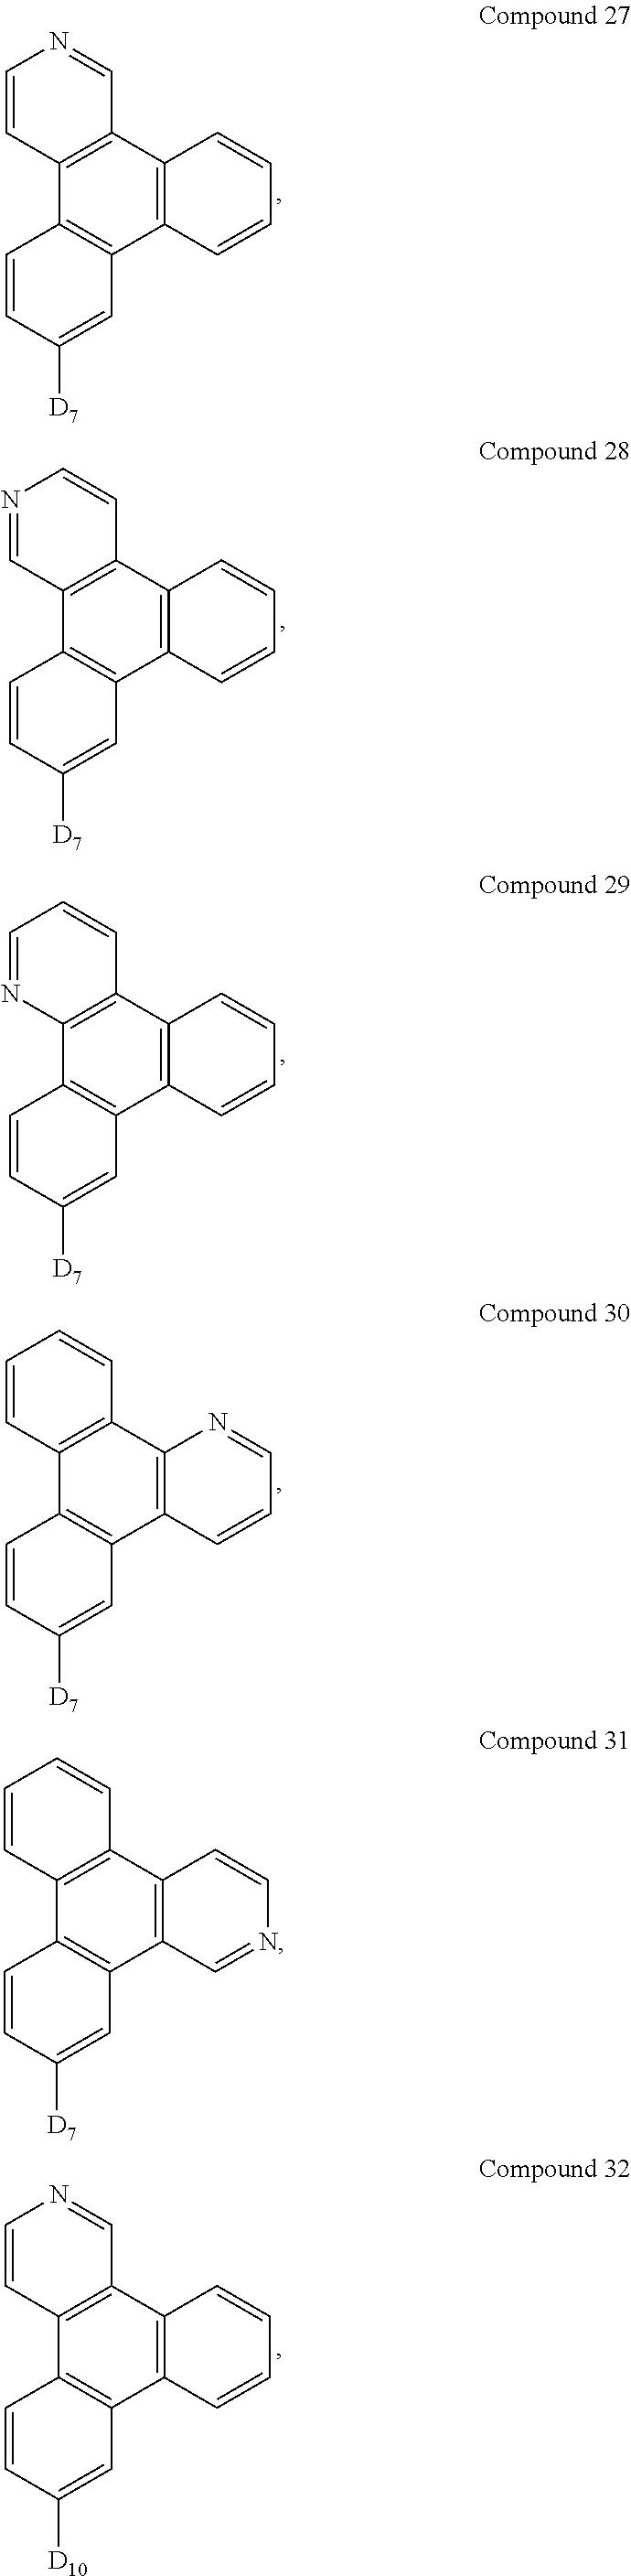 Figure US09537106-20170103-C00592